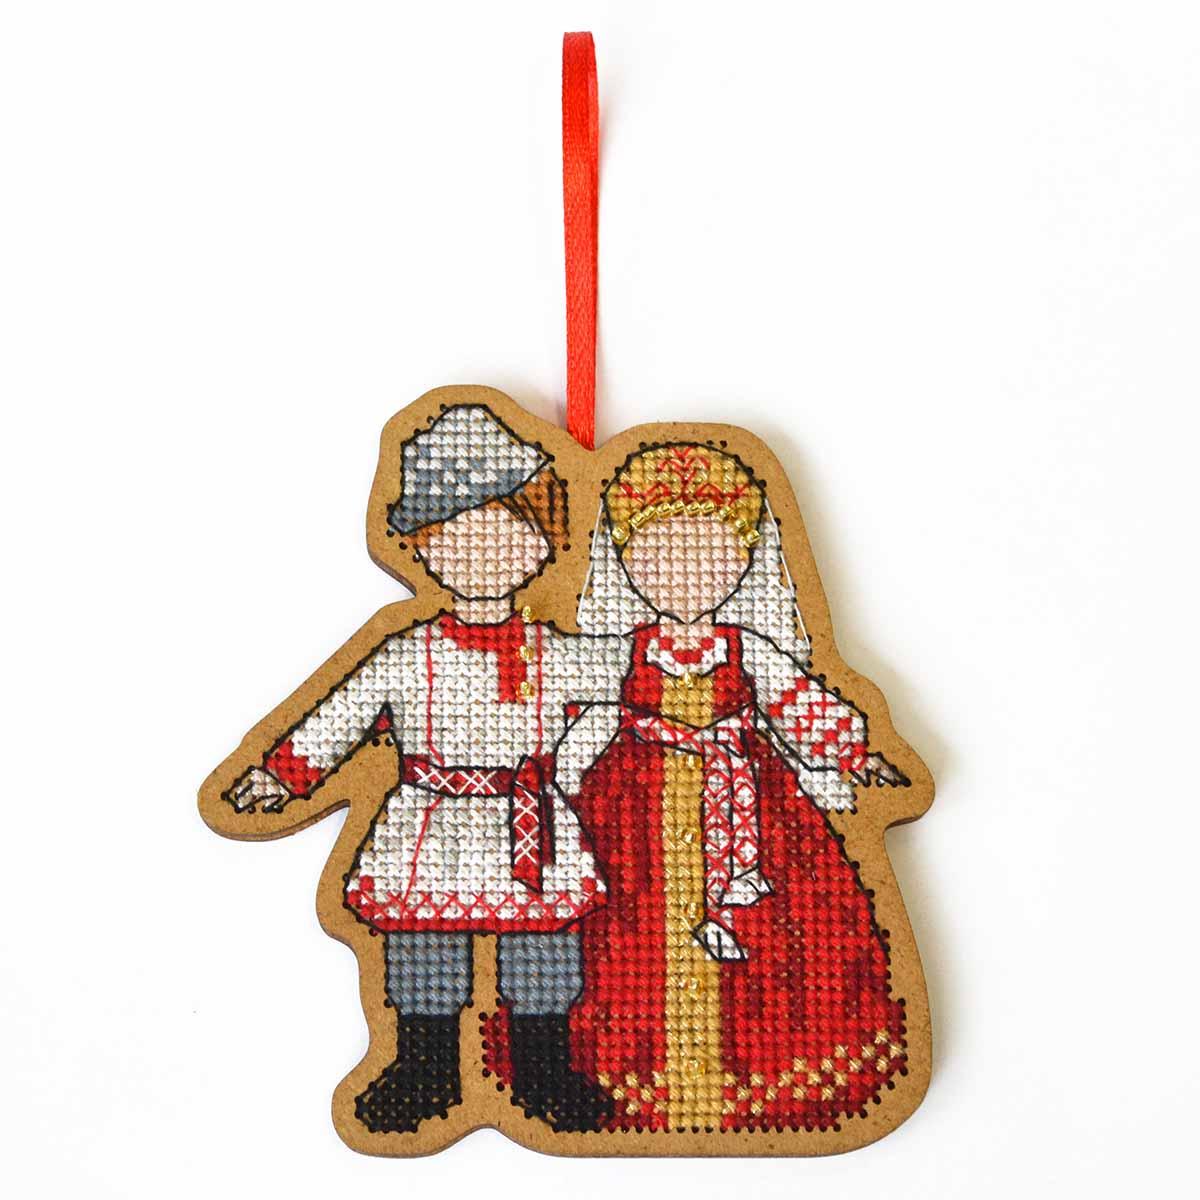 О-106 Набор для вышивания крестом на основе Созвездие 'Символ любви и семьи. Неразлучники' 9*8,5 см